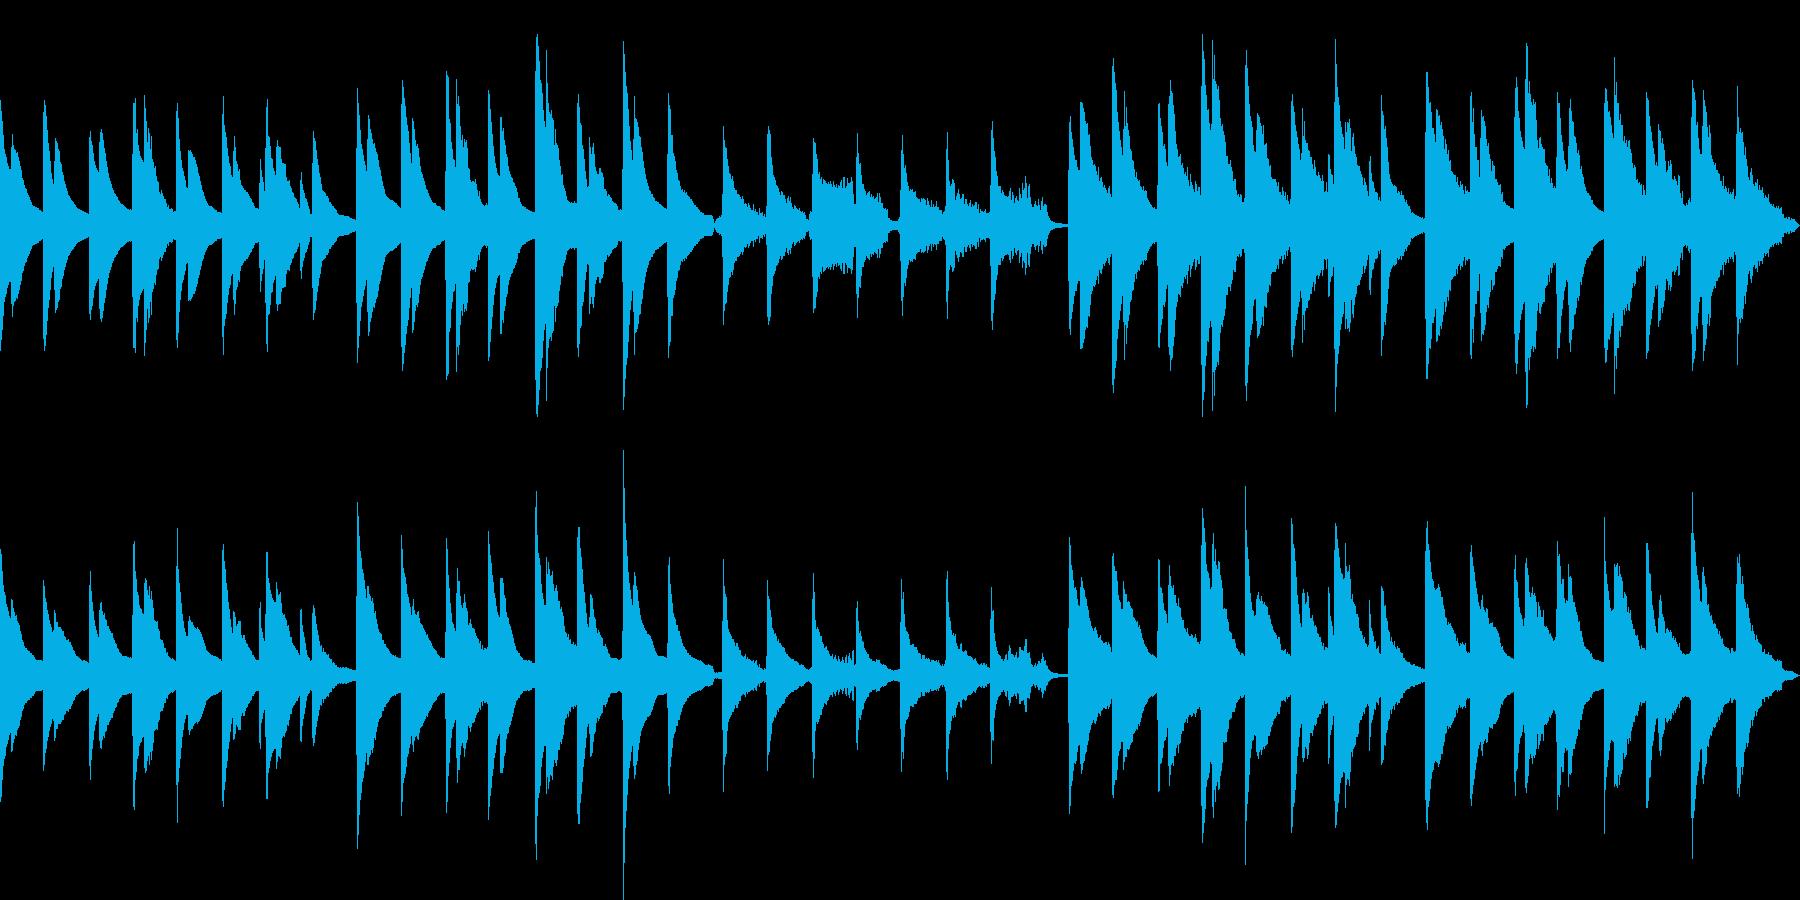 ピアノとバイオリンのゆっくりした優しい曲の再生済みの波形